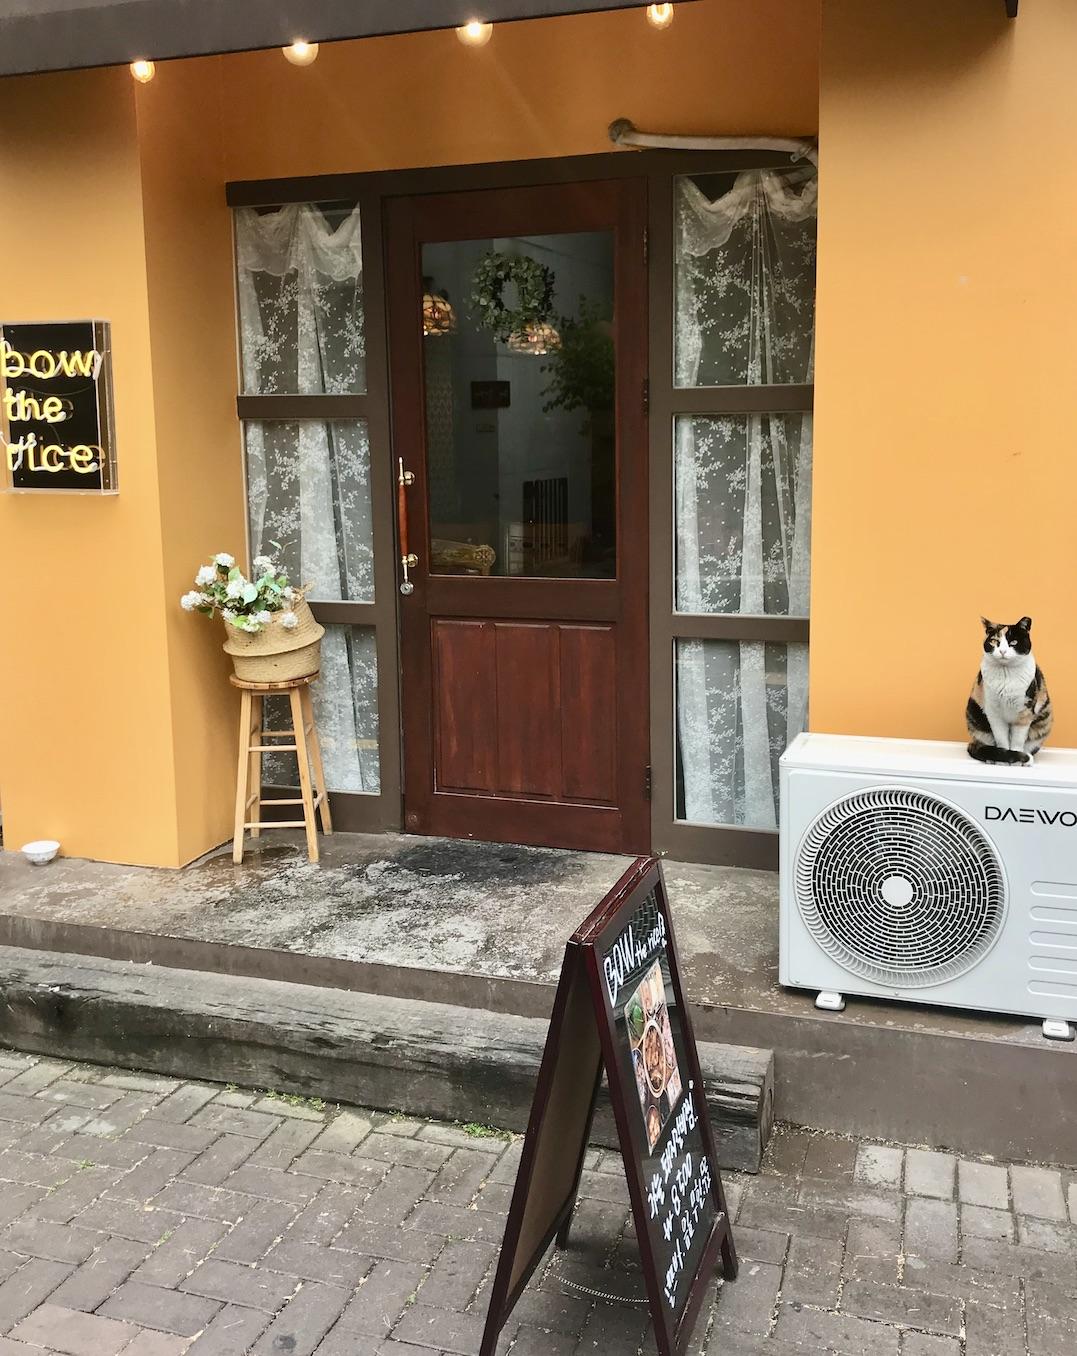 Bow the Rice Restaurant Daegu.